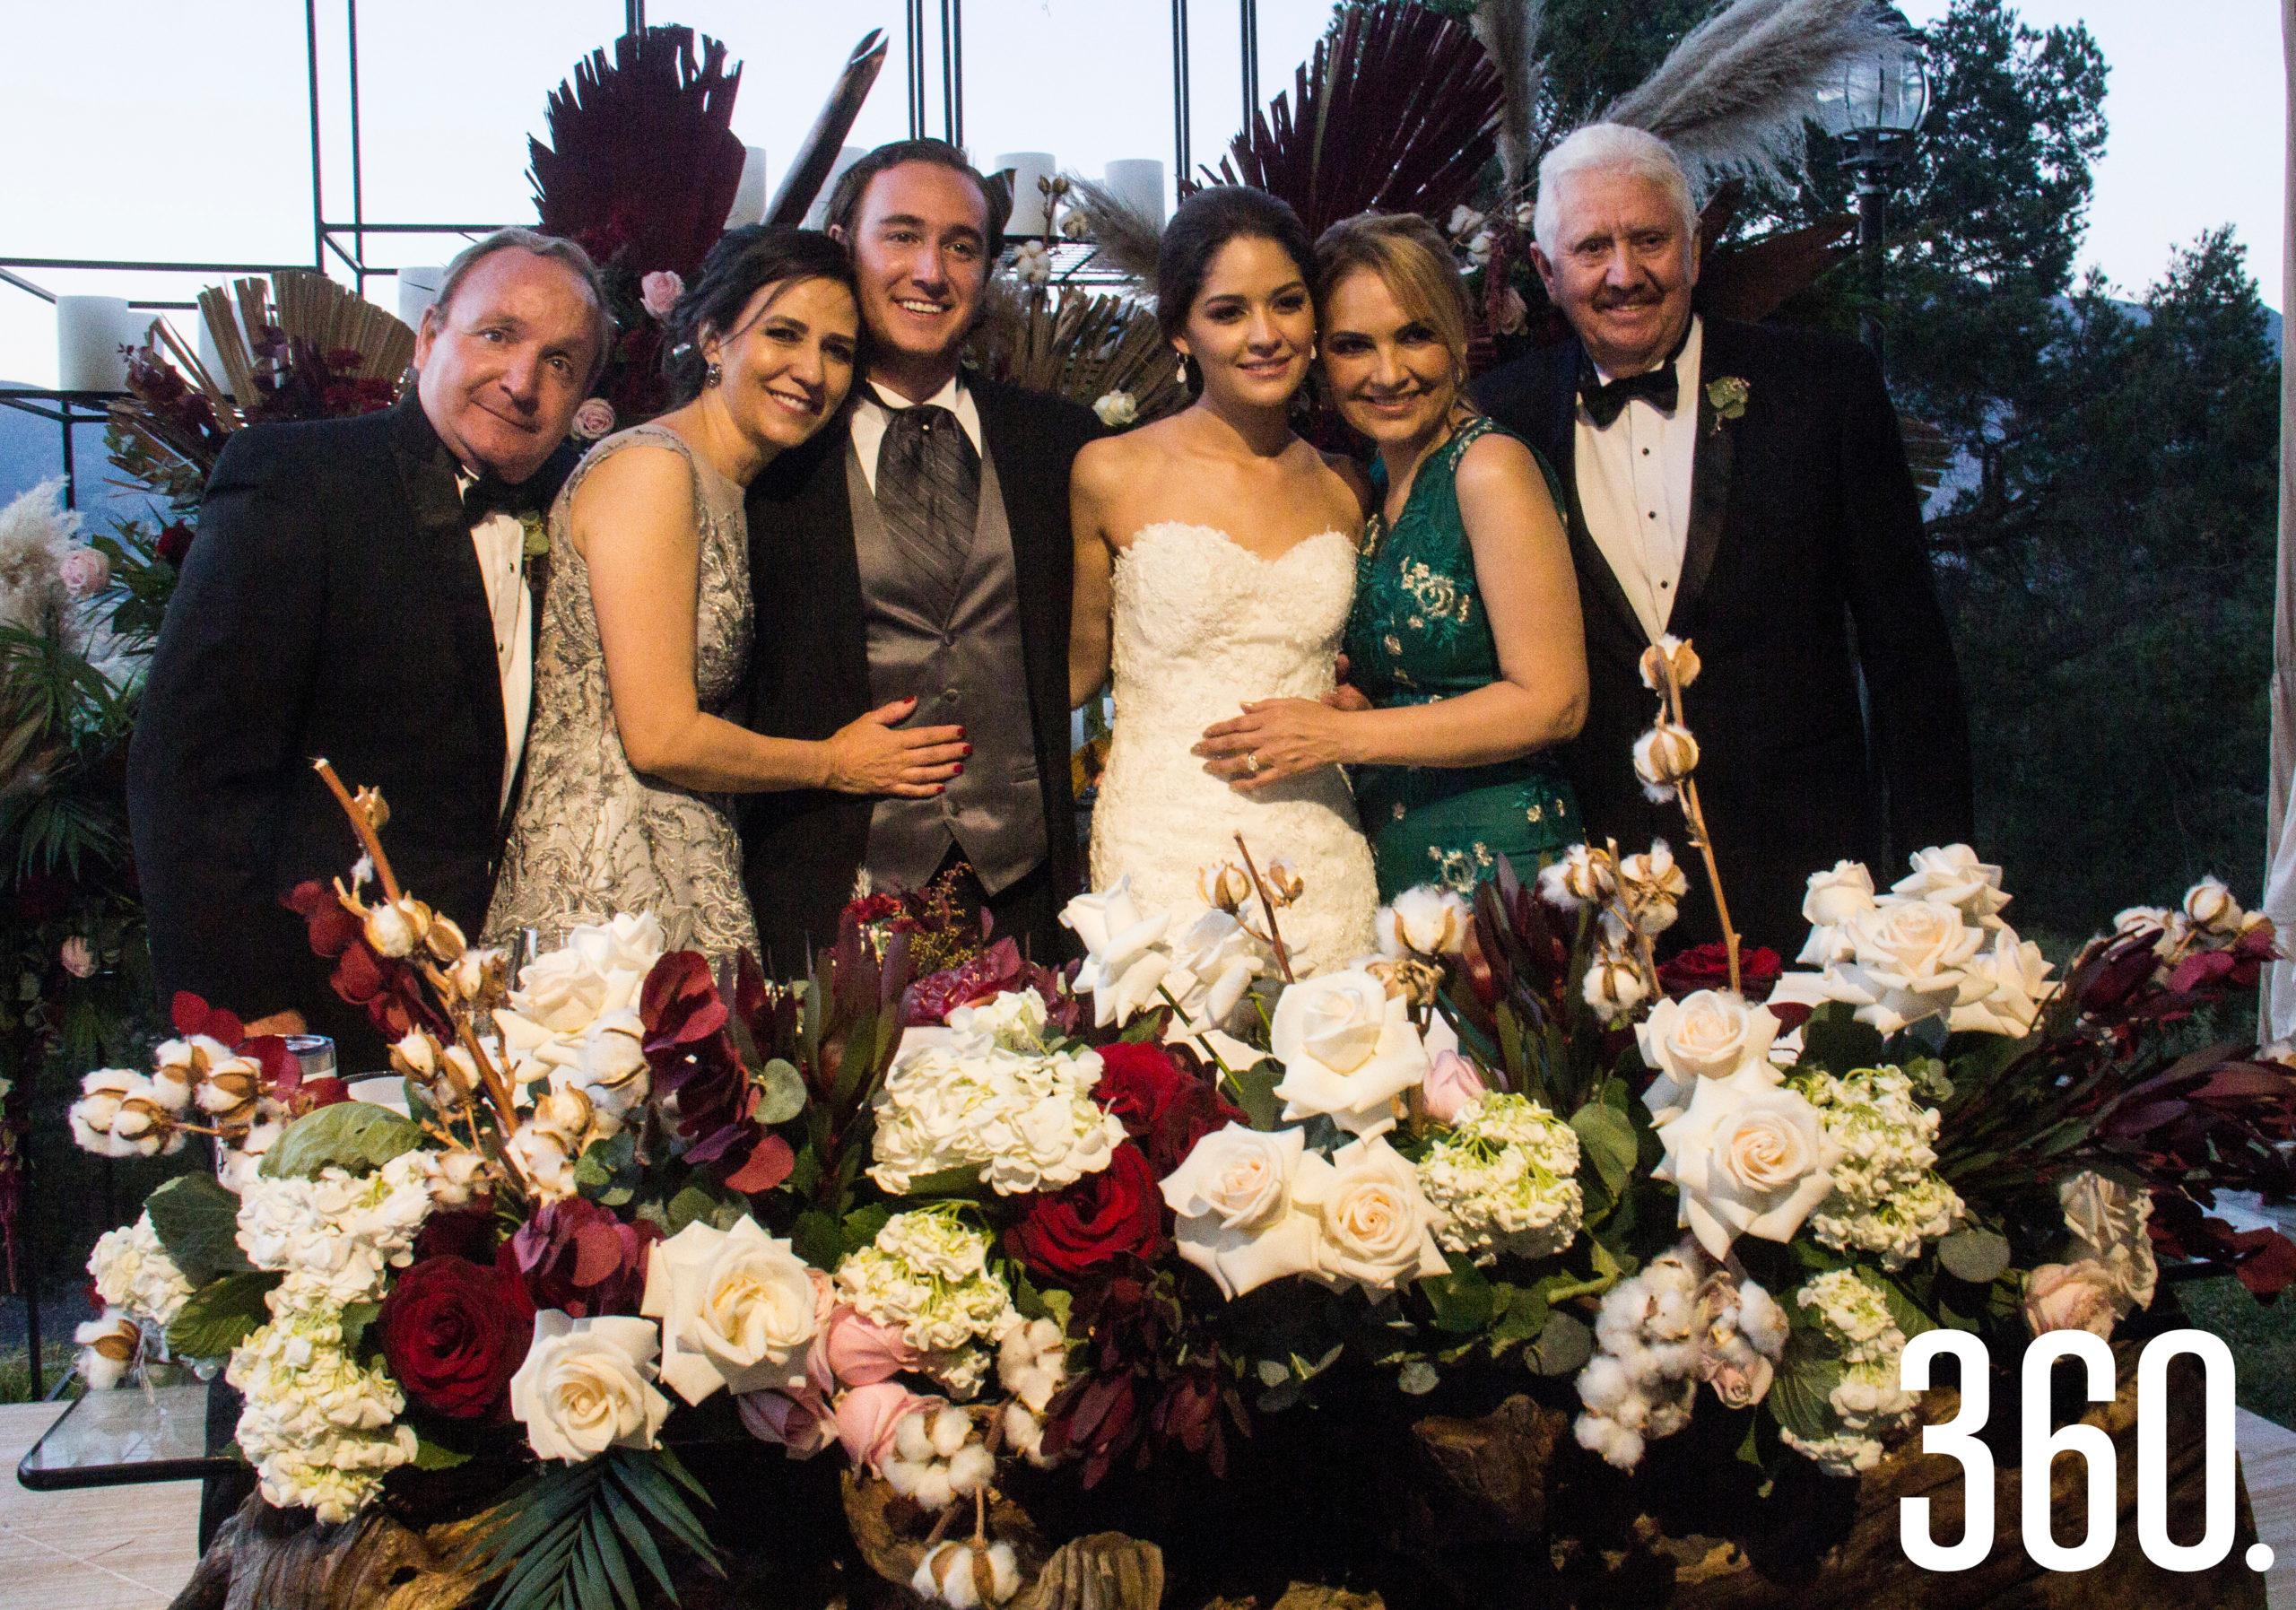 Jorge y Valeria con sus padres, Jorge Alberto Castro Flores y Gabriela Alejandra Torres Villarreal, María Cristina Meraz González y Alberto Javier Navarro Rivera.